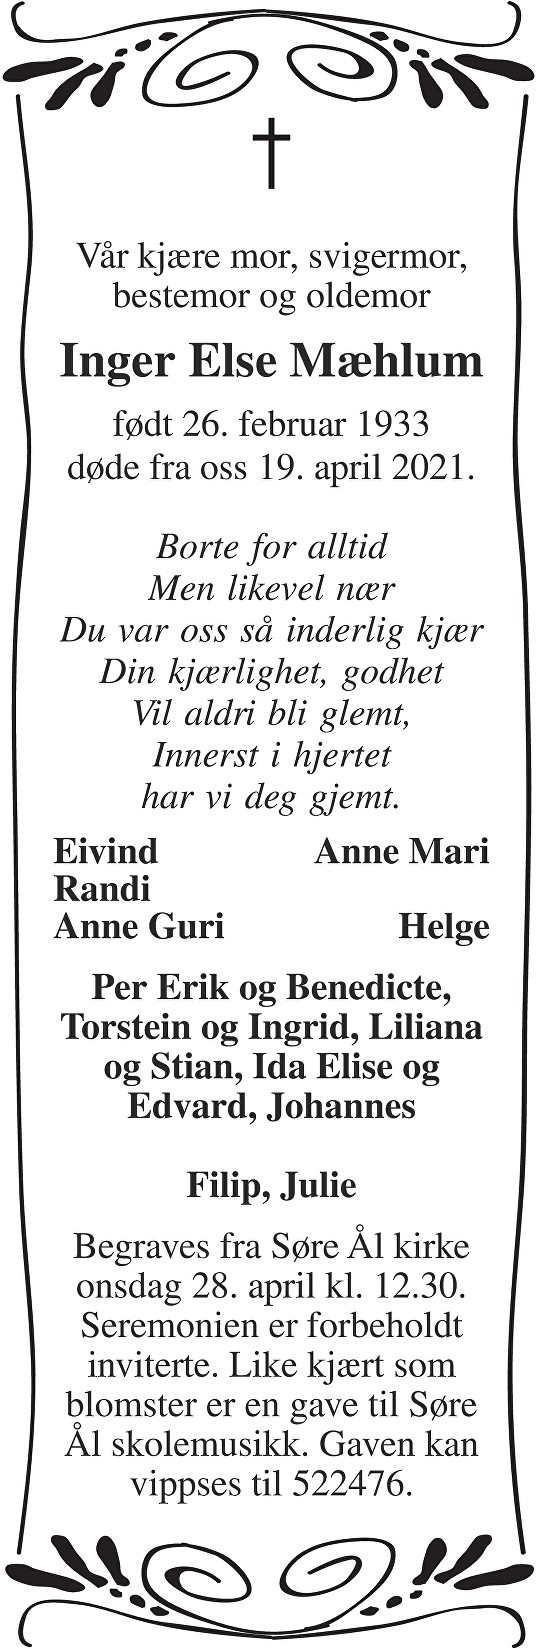 Inger Else Mæhlum Dødsannonse